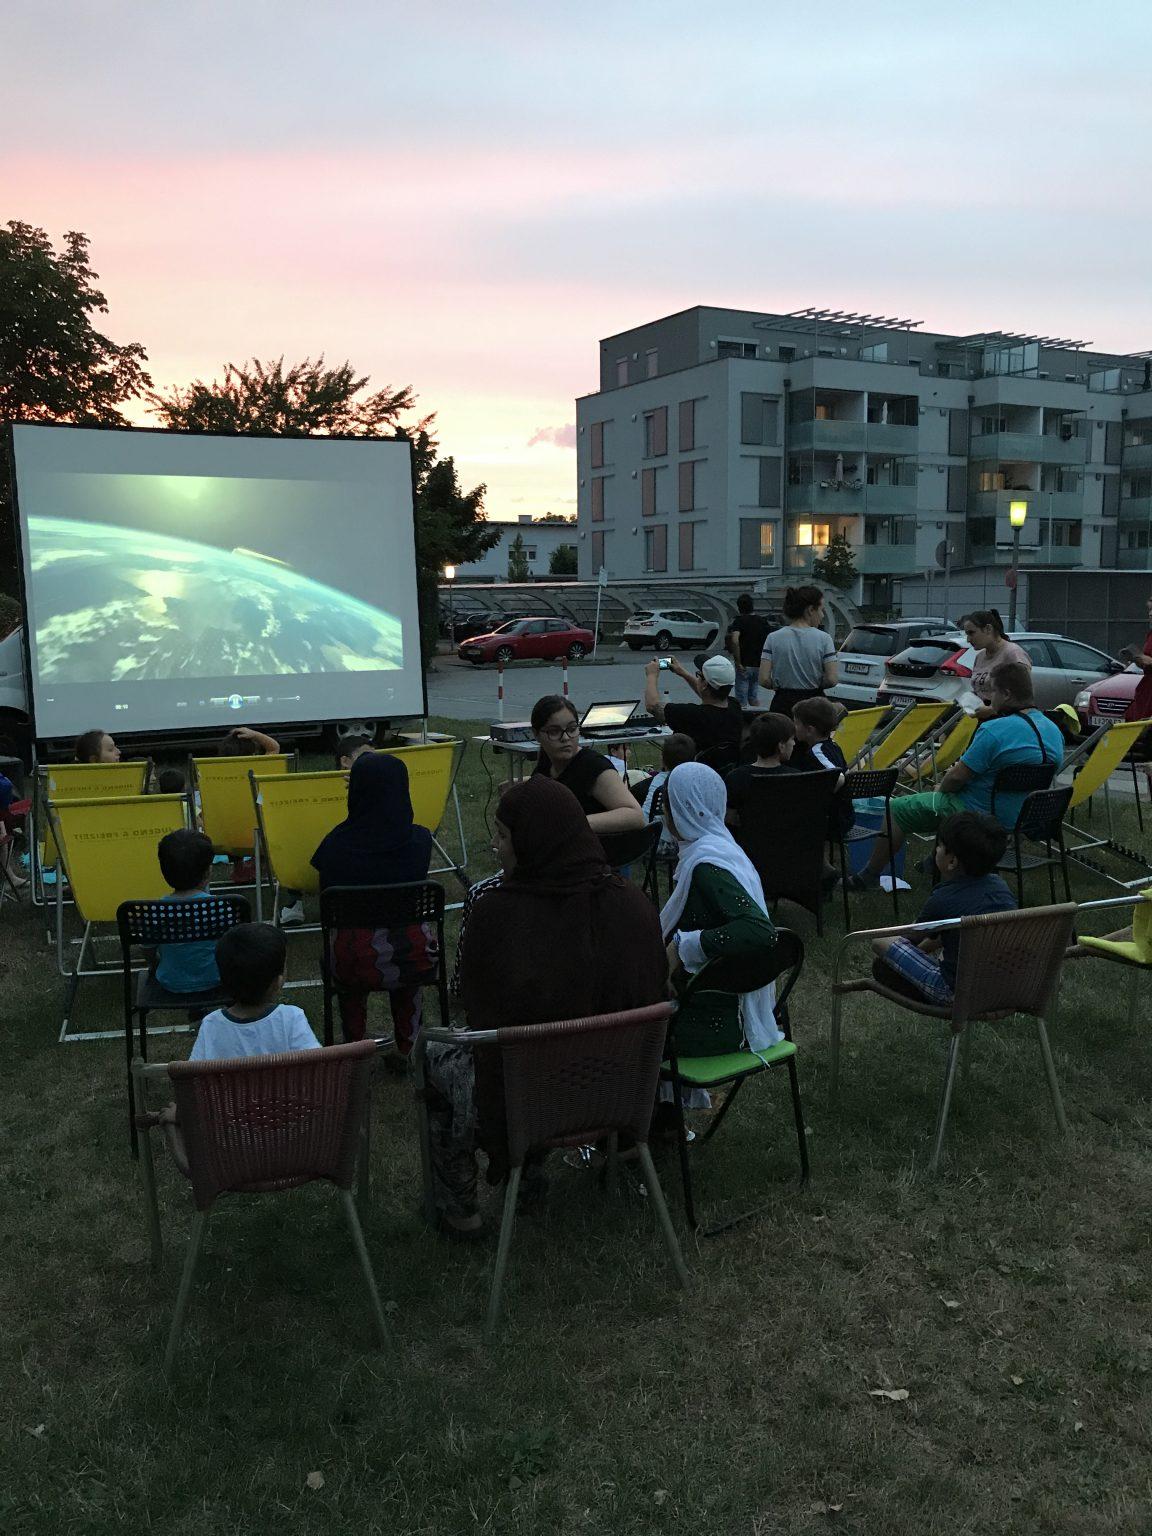 http://vjf.at/netzwerk-sued/wp-content/uploads/sites/18/2017/08/Kino_4.jpg